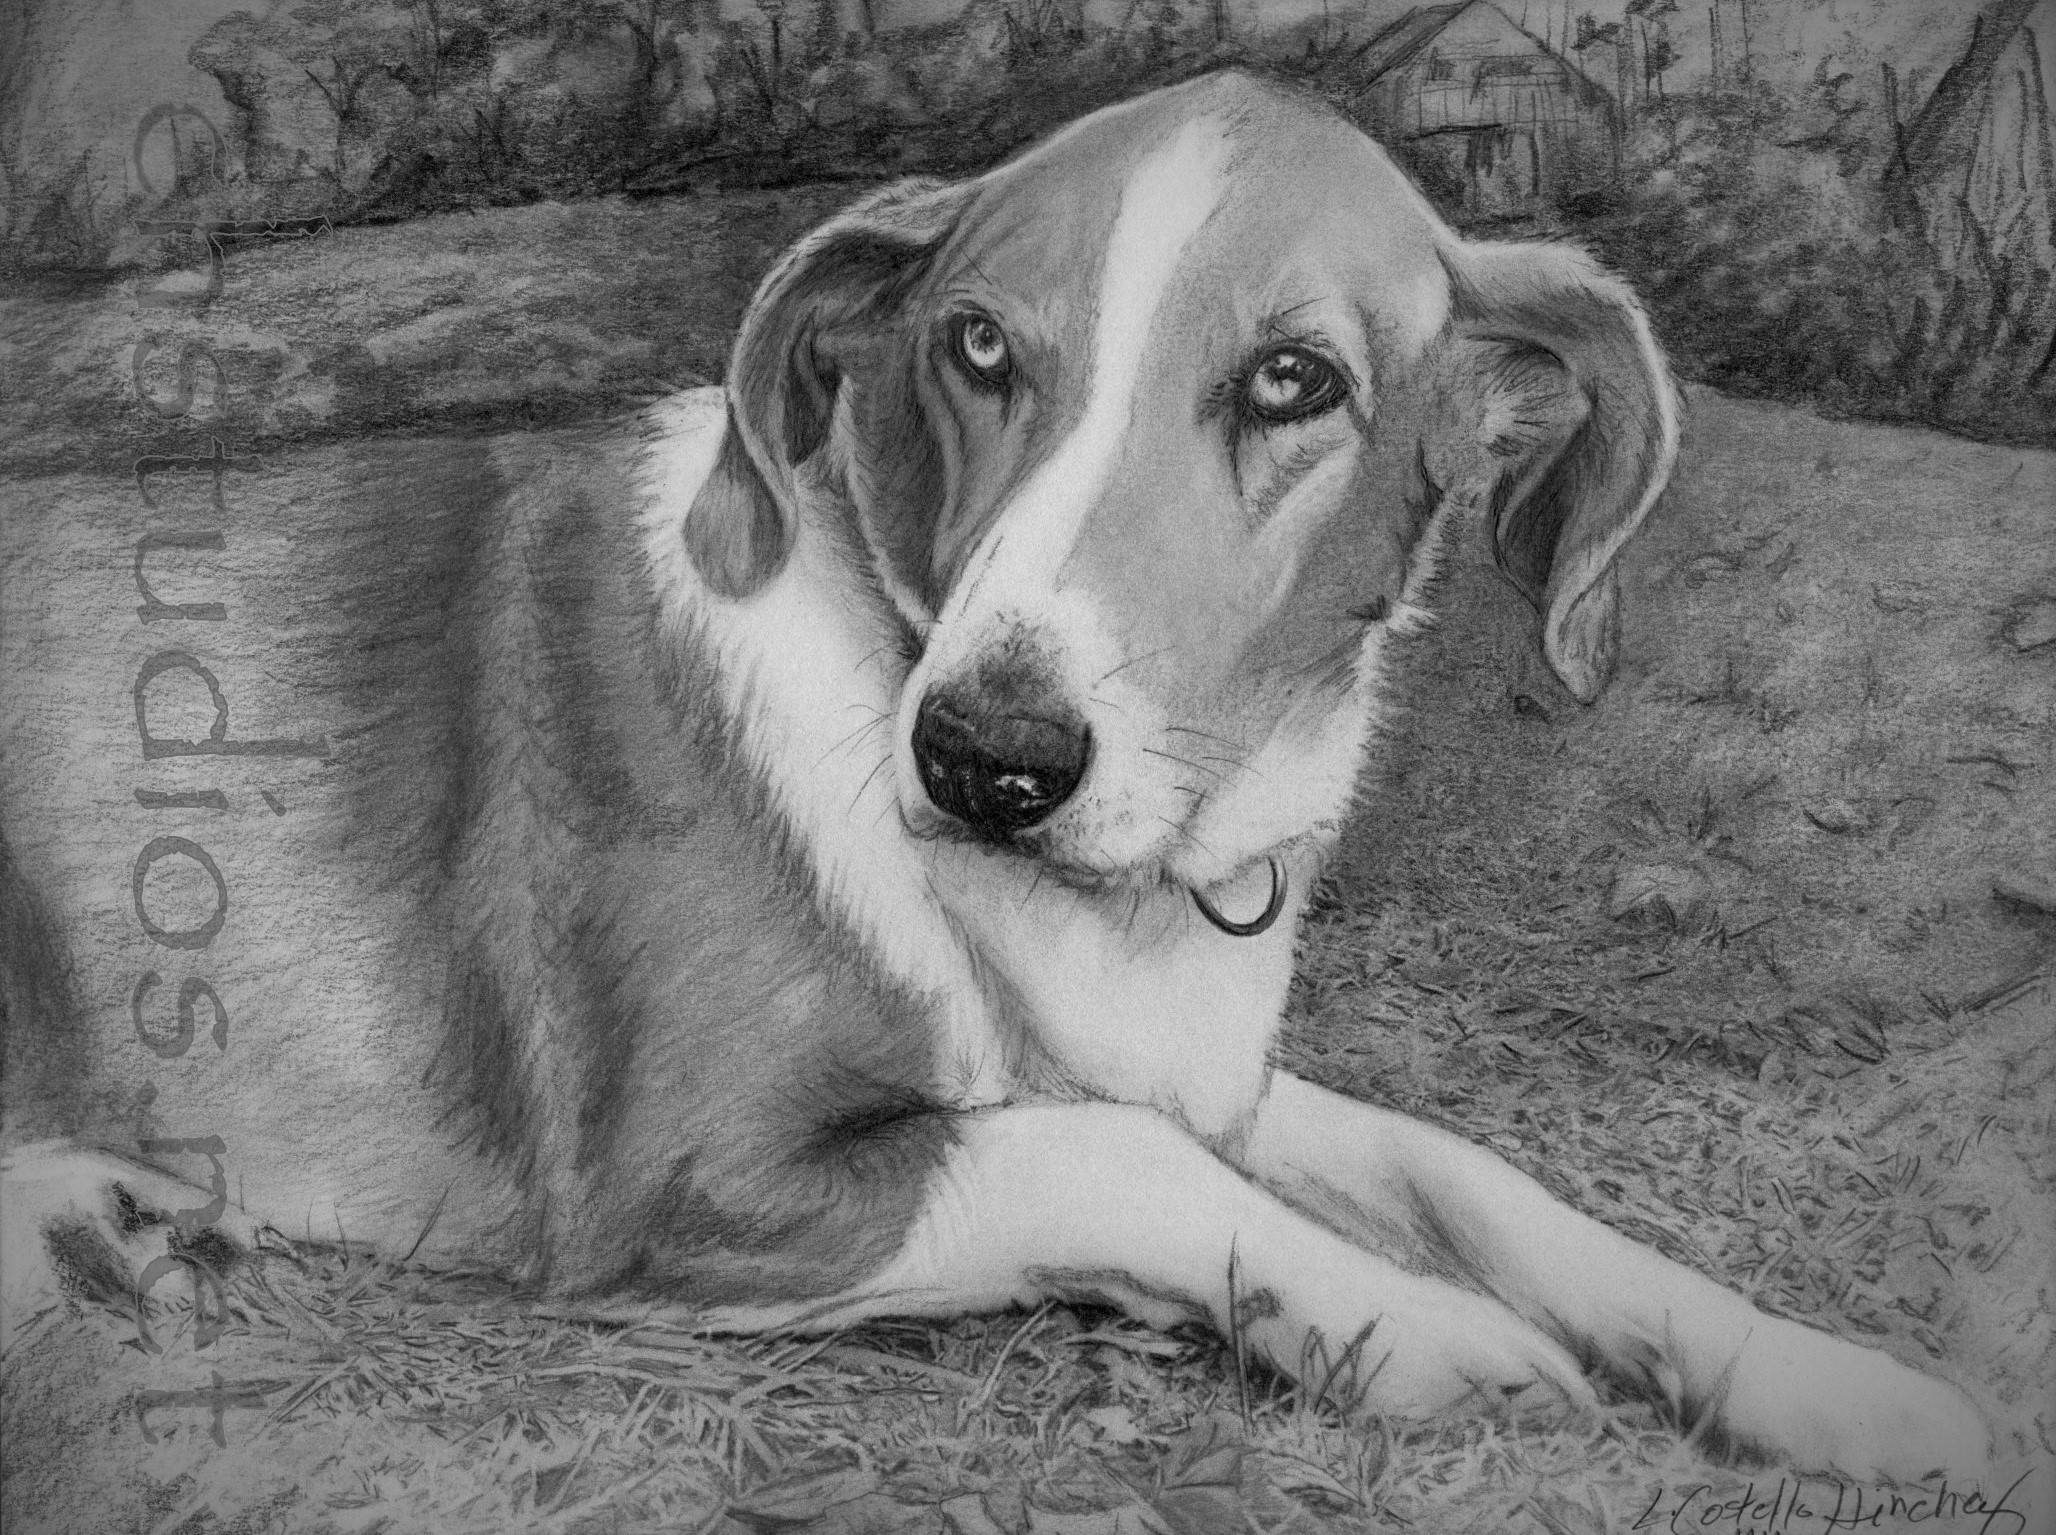 Buddy Pet Portrait Commission